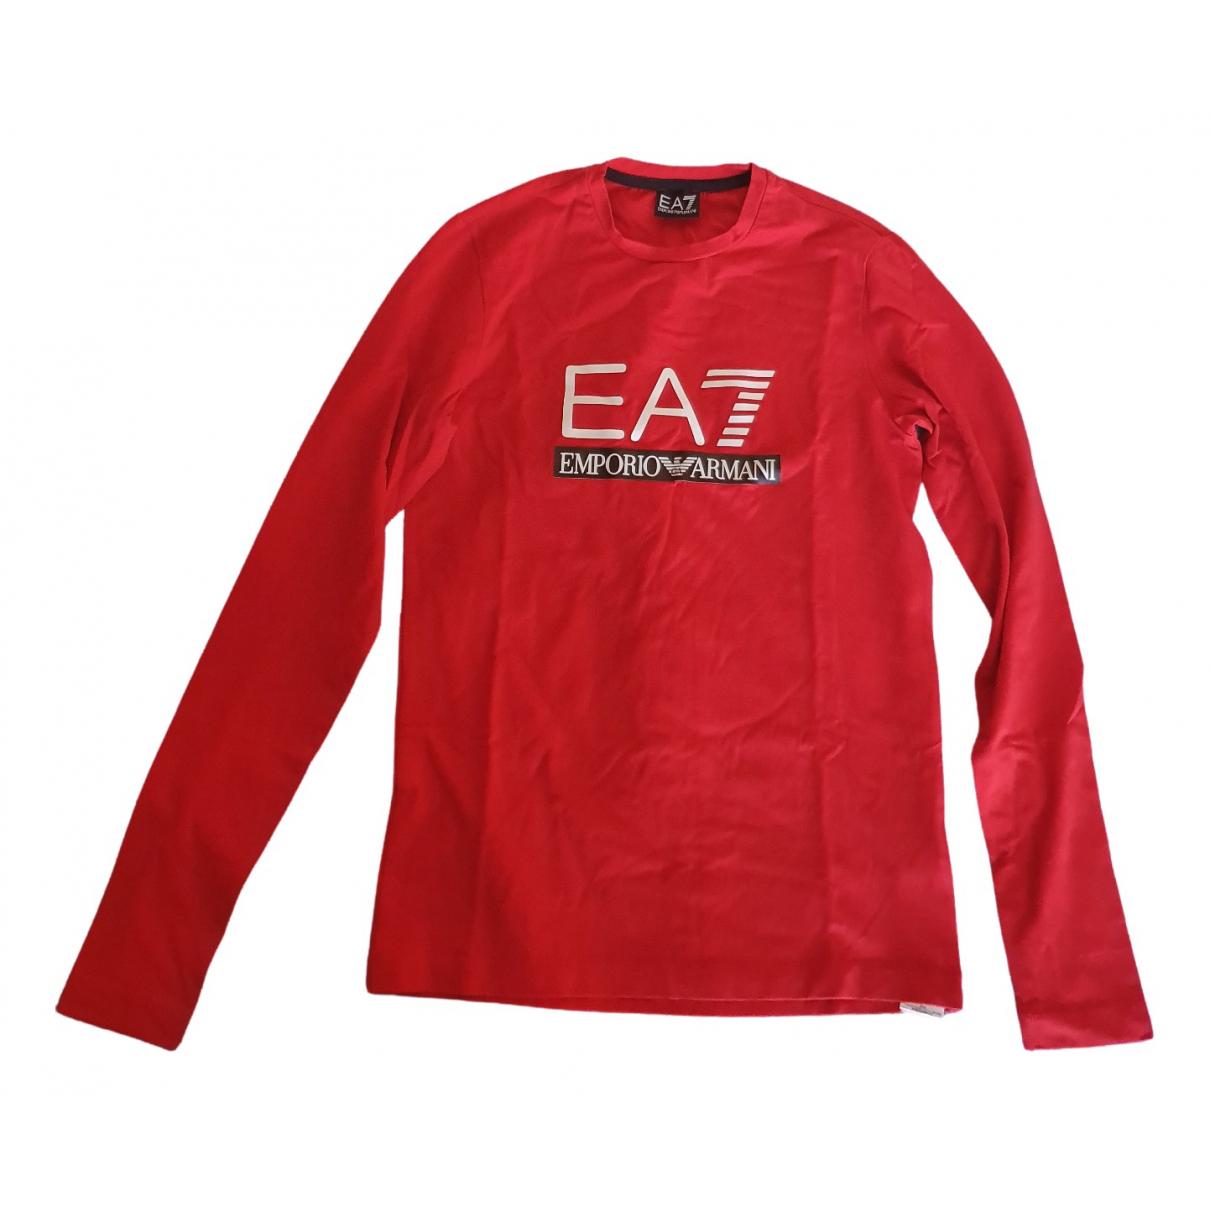 Emporio Armani - Tee shirts   pour homme en coton - rouge